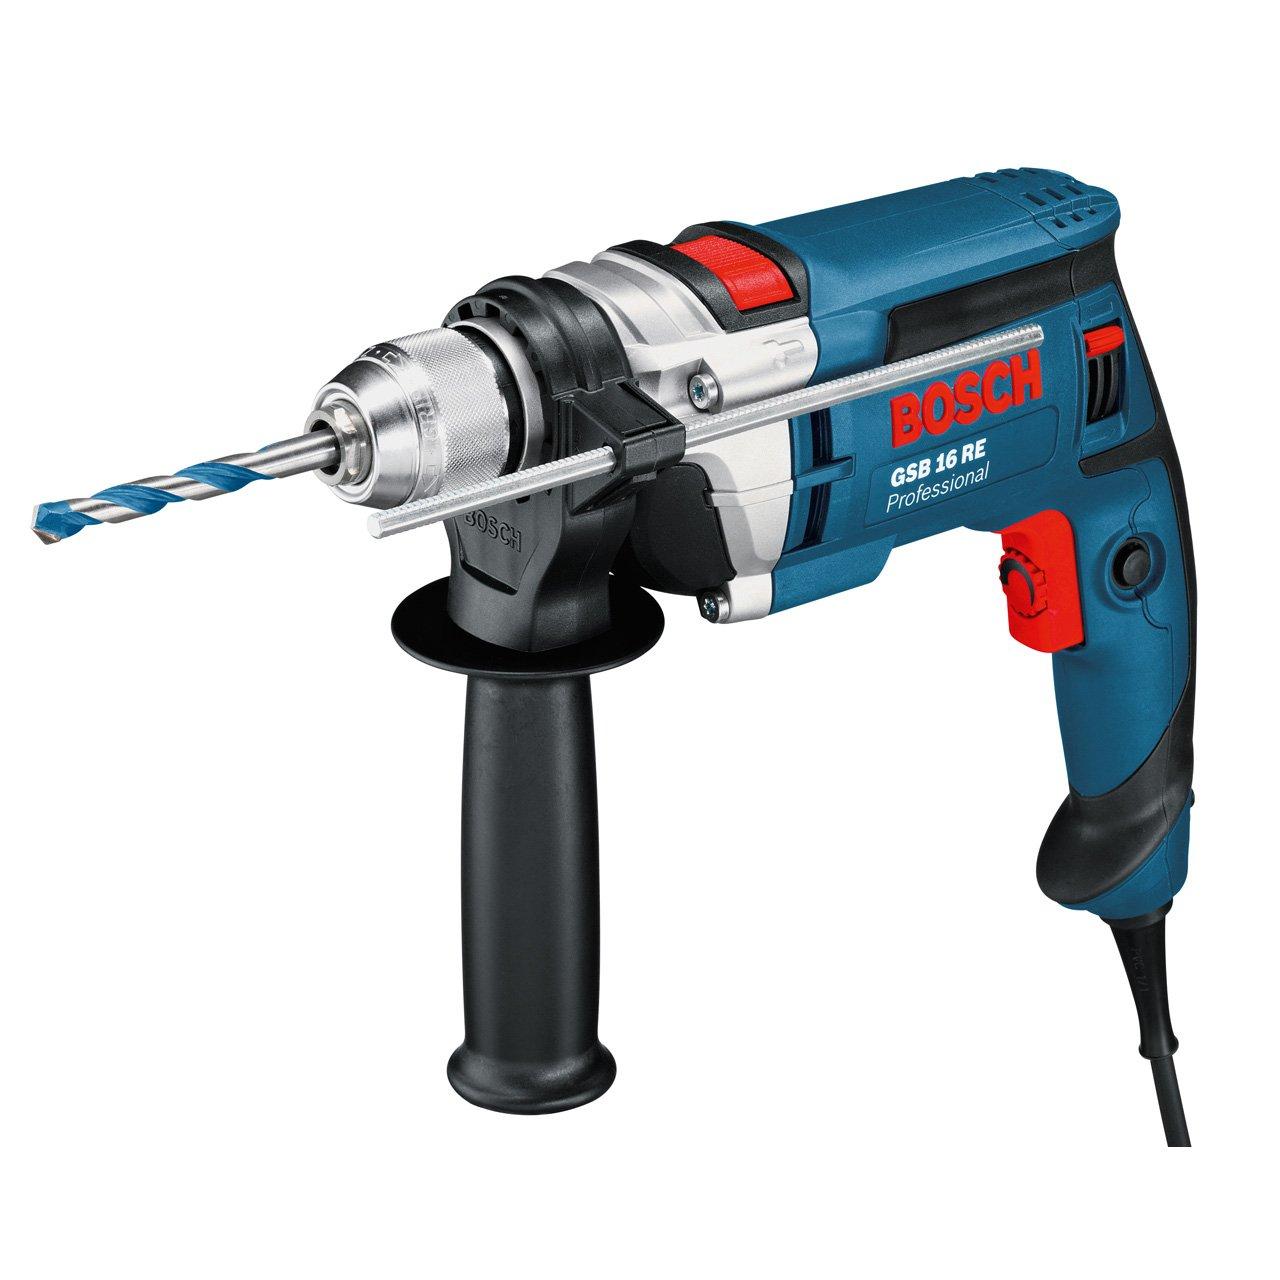 Bosch-Professional-GSB-16-RE-Schlagbohrmaschine-Schnellspannbohrfutter-13-mm-Tiefenanschlag-210-mm-Zusatzhandgriff-Koffer-750-W